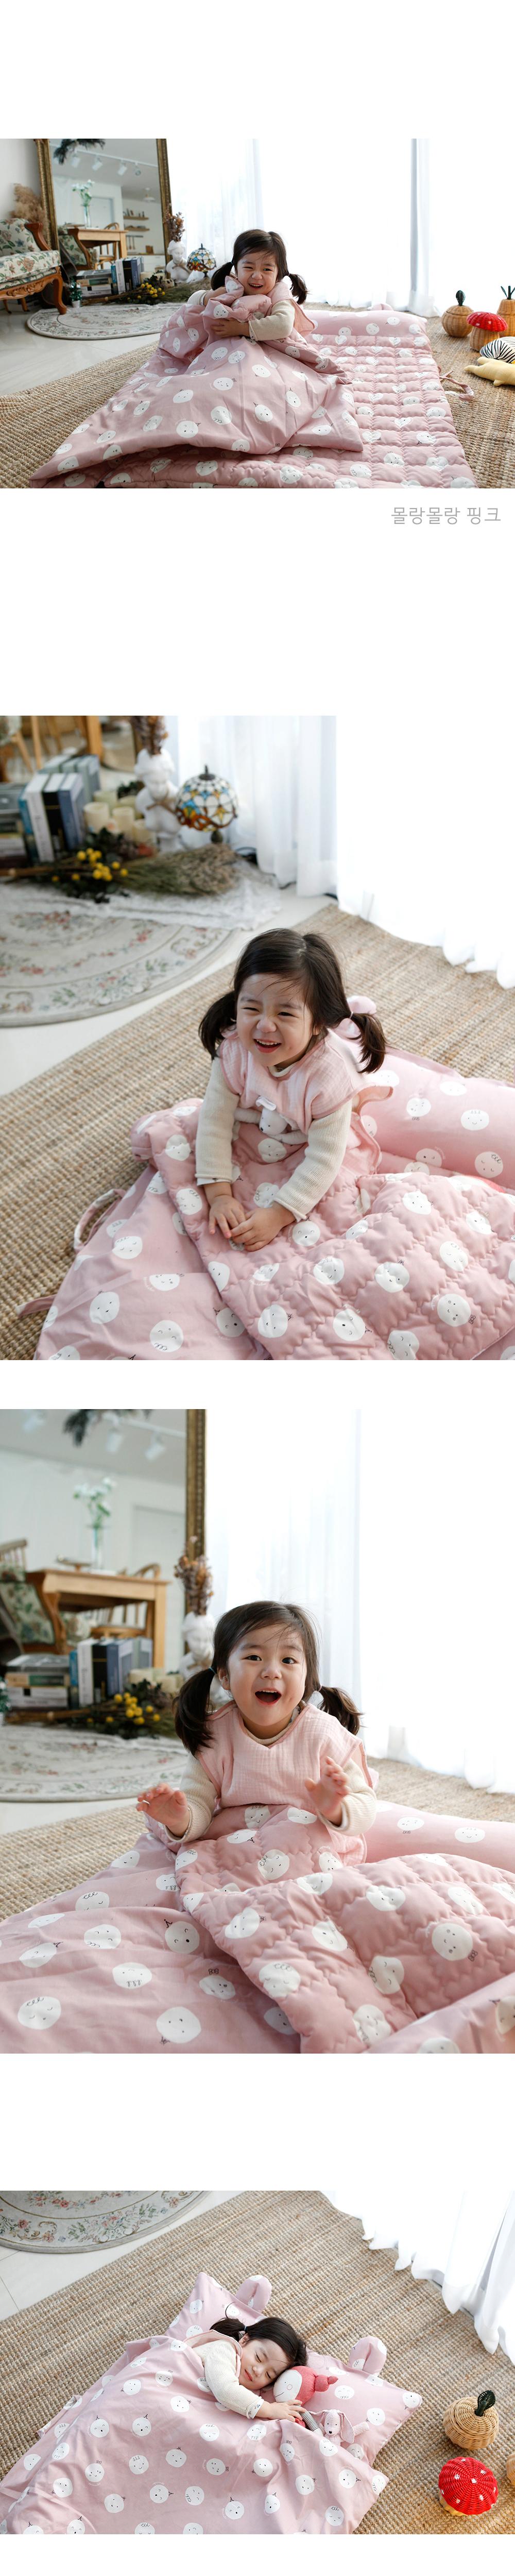 꿈두부 일체형 낮잠이불 3종 어린이집 준비물 - 꿈꾸는두부, 97,000원, 패브릭/침구, 낮잠이불